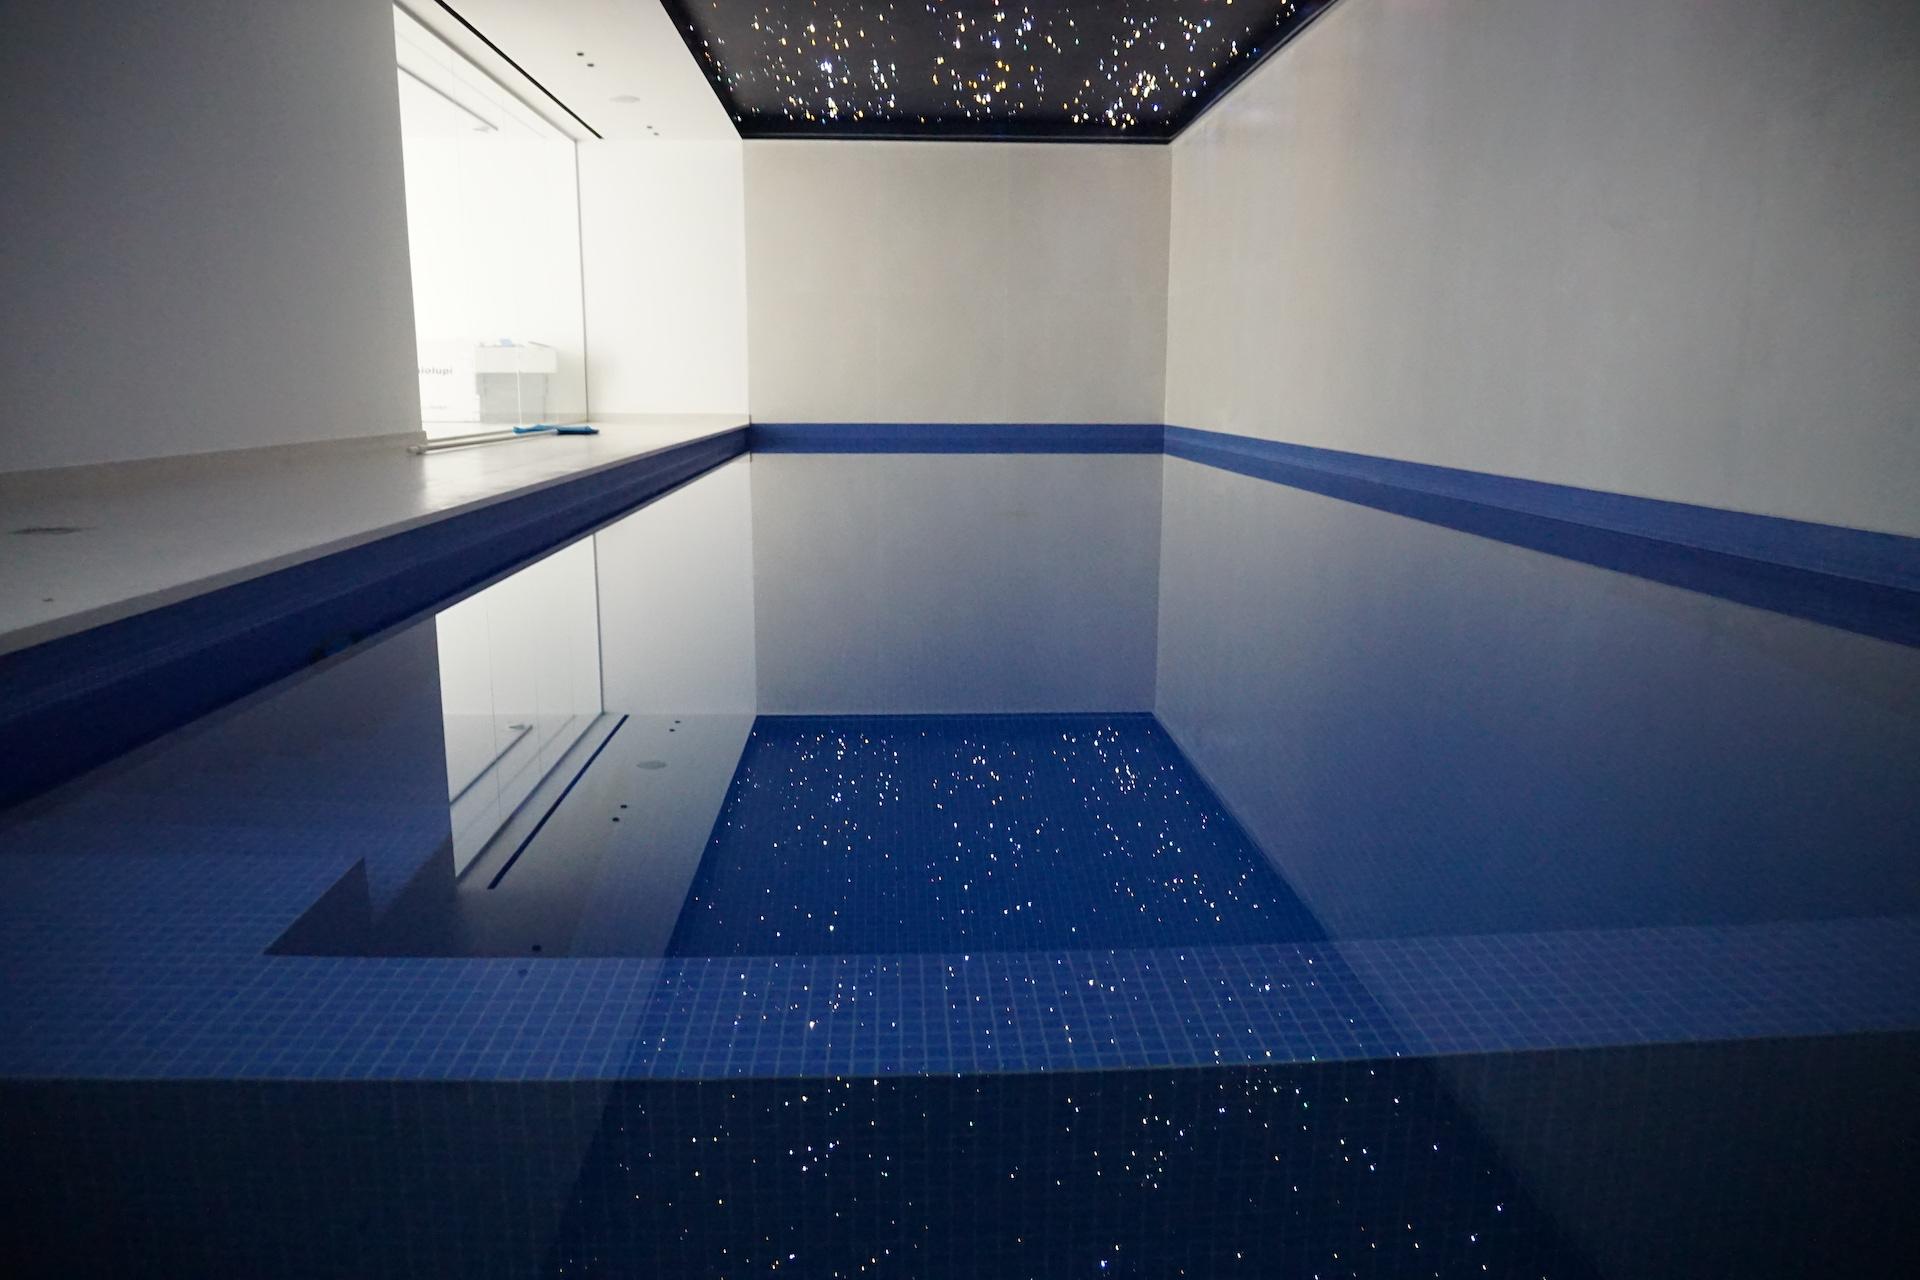 piscine plafond ciel étoilé salle de bain etoile led pour chambre placo au lumineuses faux nuit étoilée